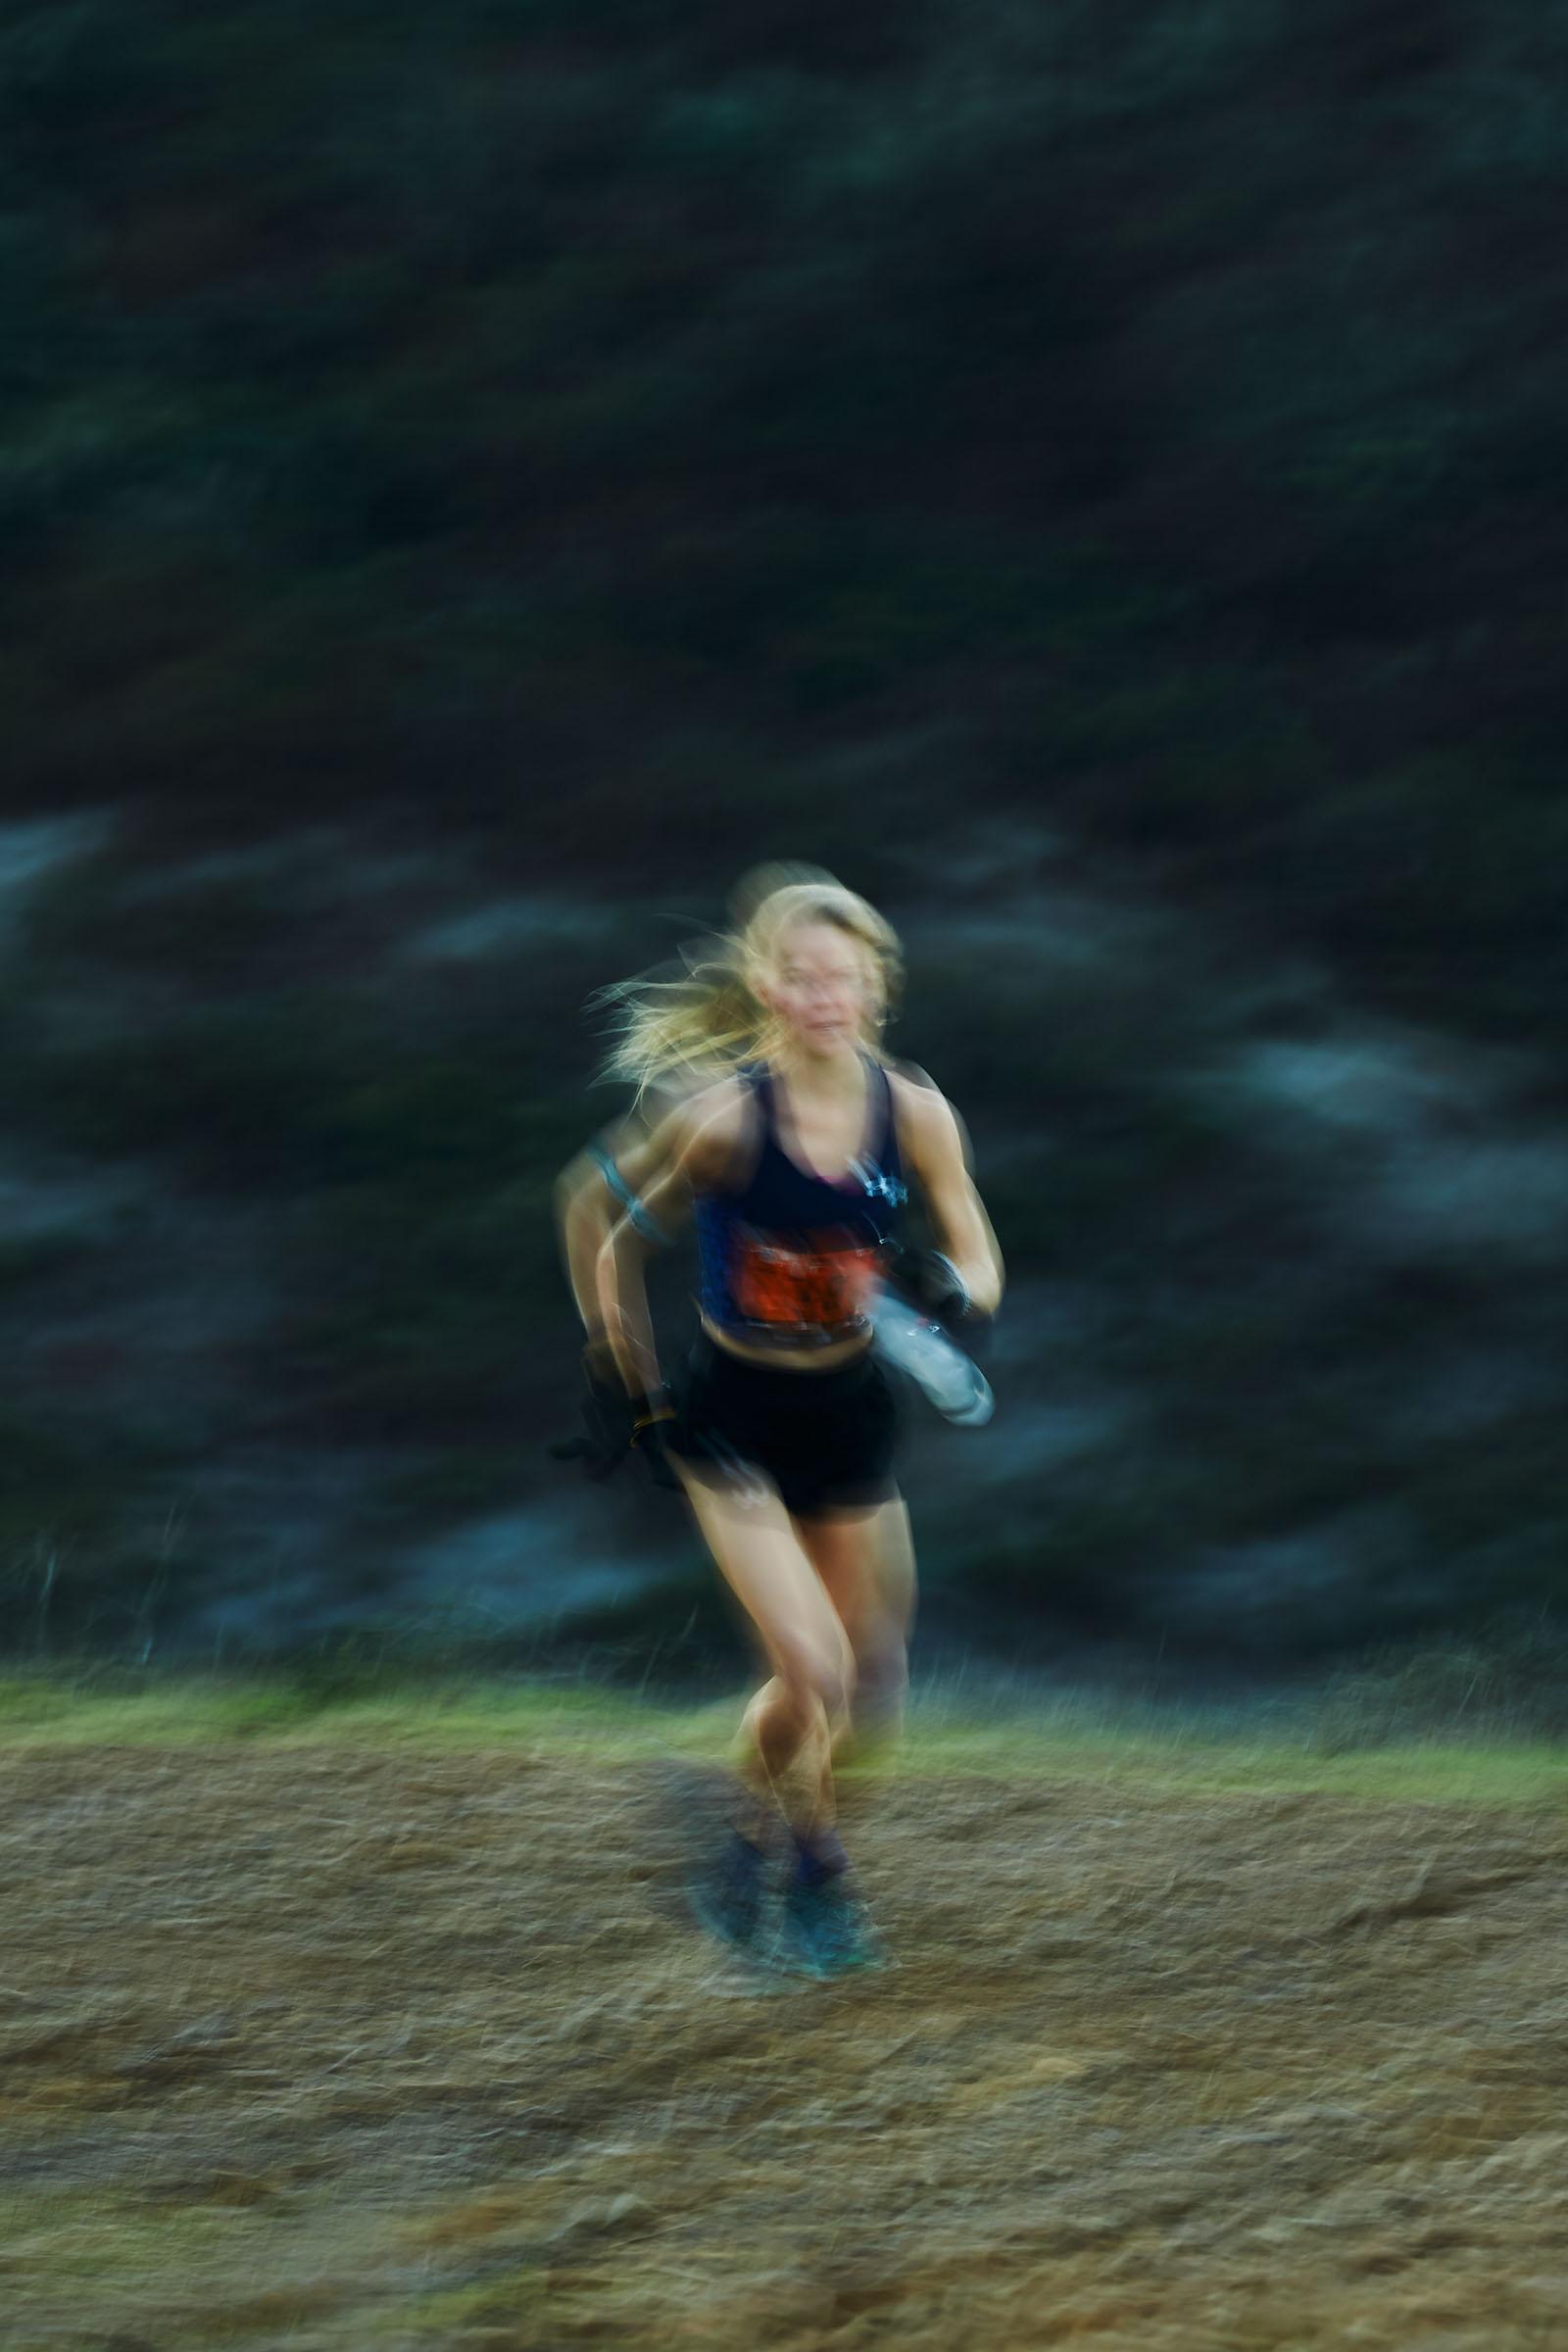 TEST-endurance-1 195.jpg